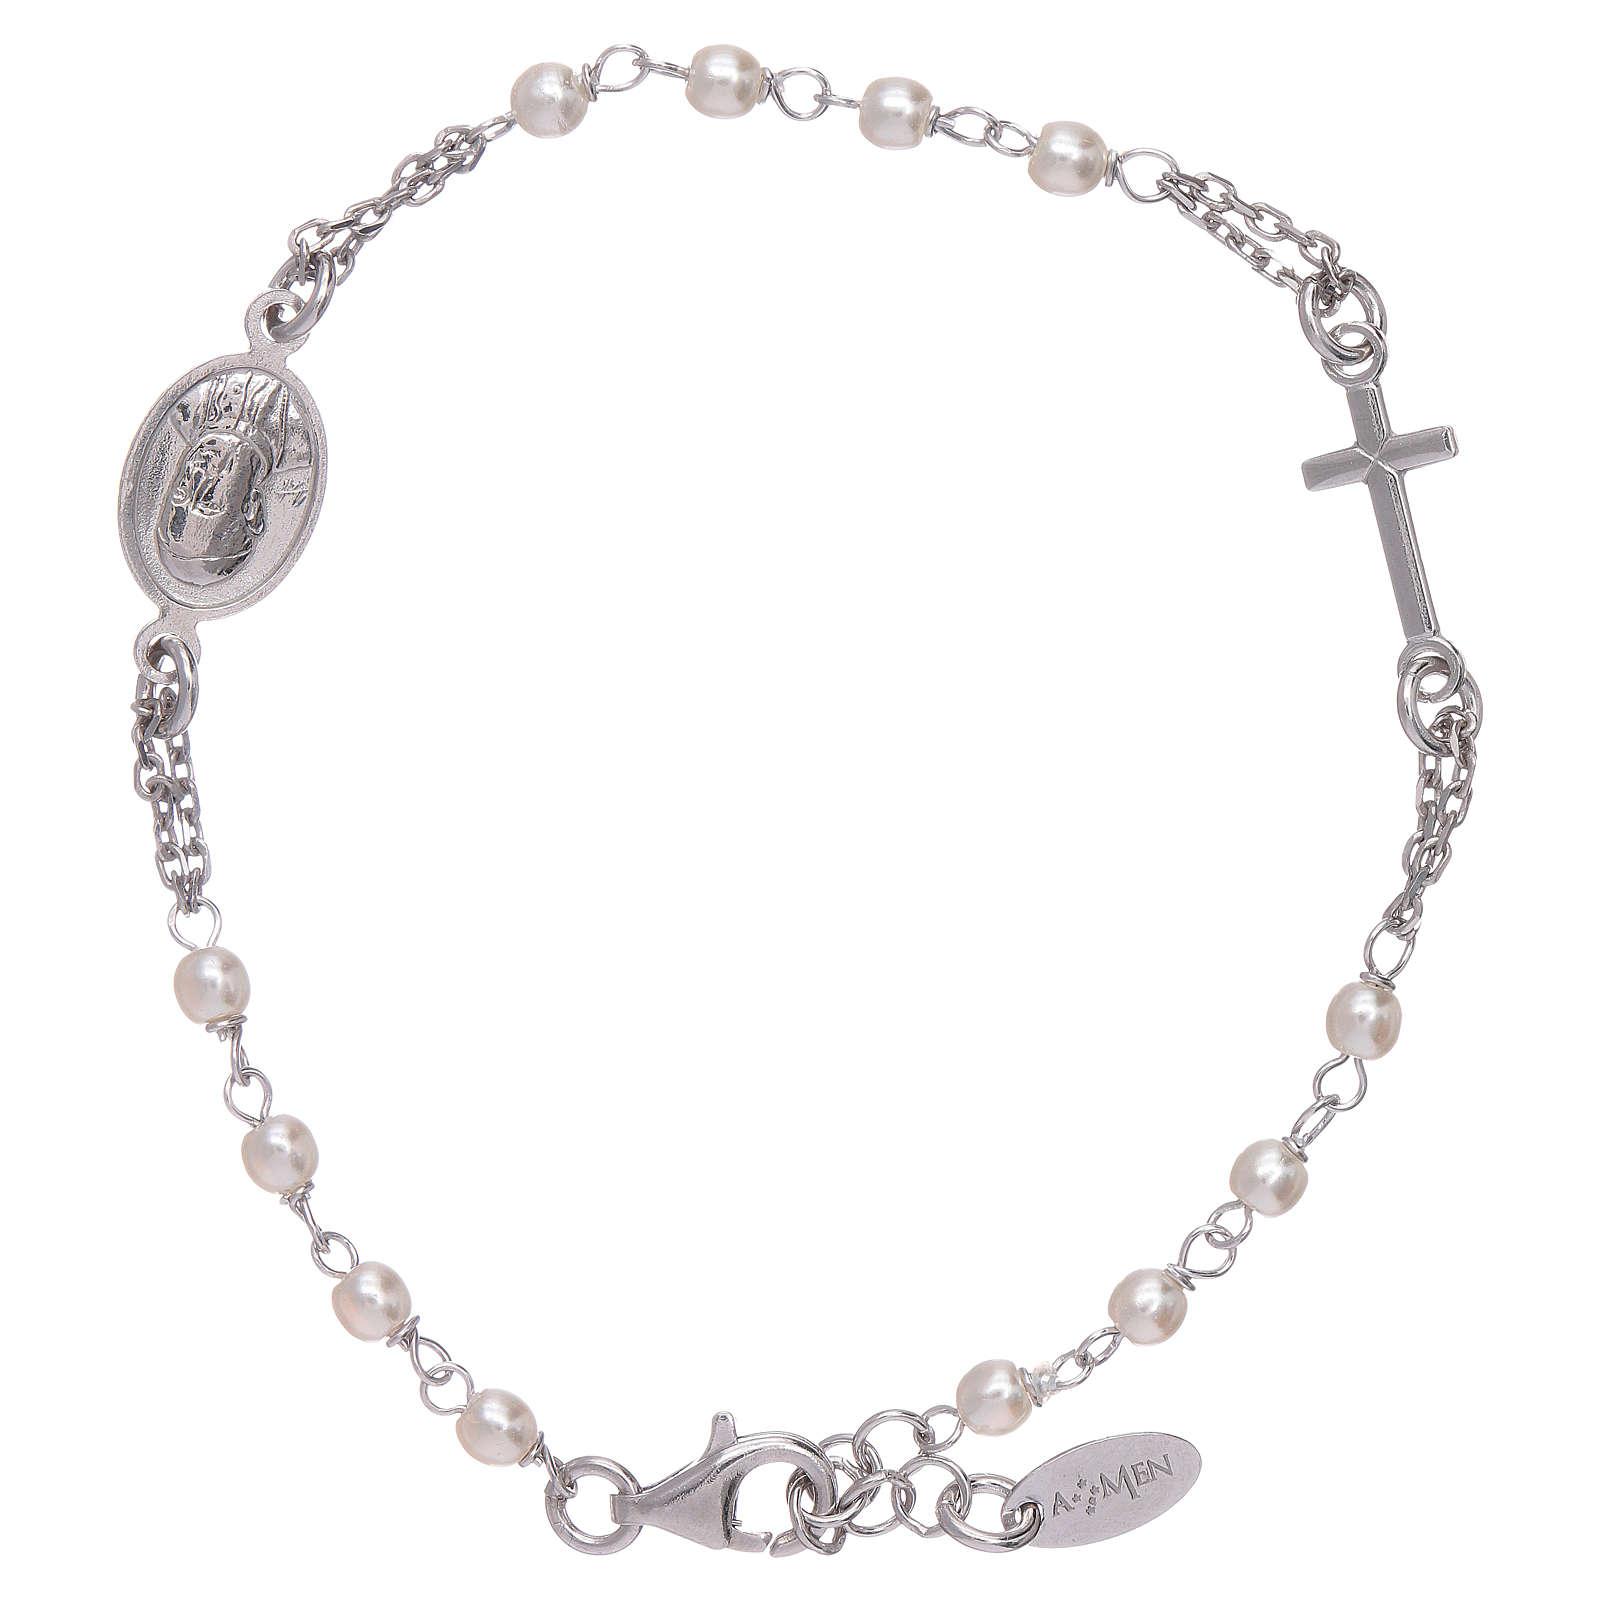 Pulsera AMEN rosario Jubileo perlas Swarovski y plata 925 4